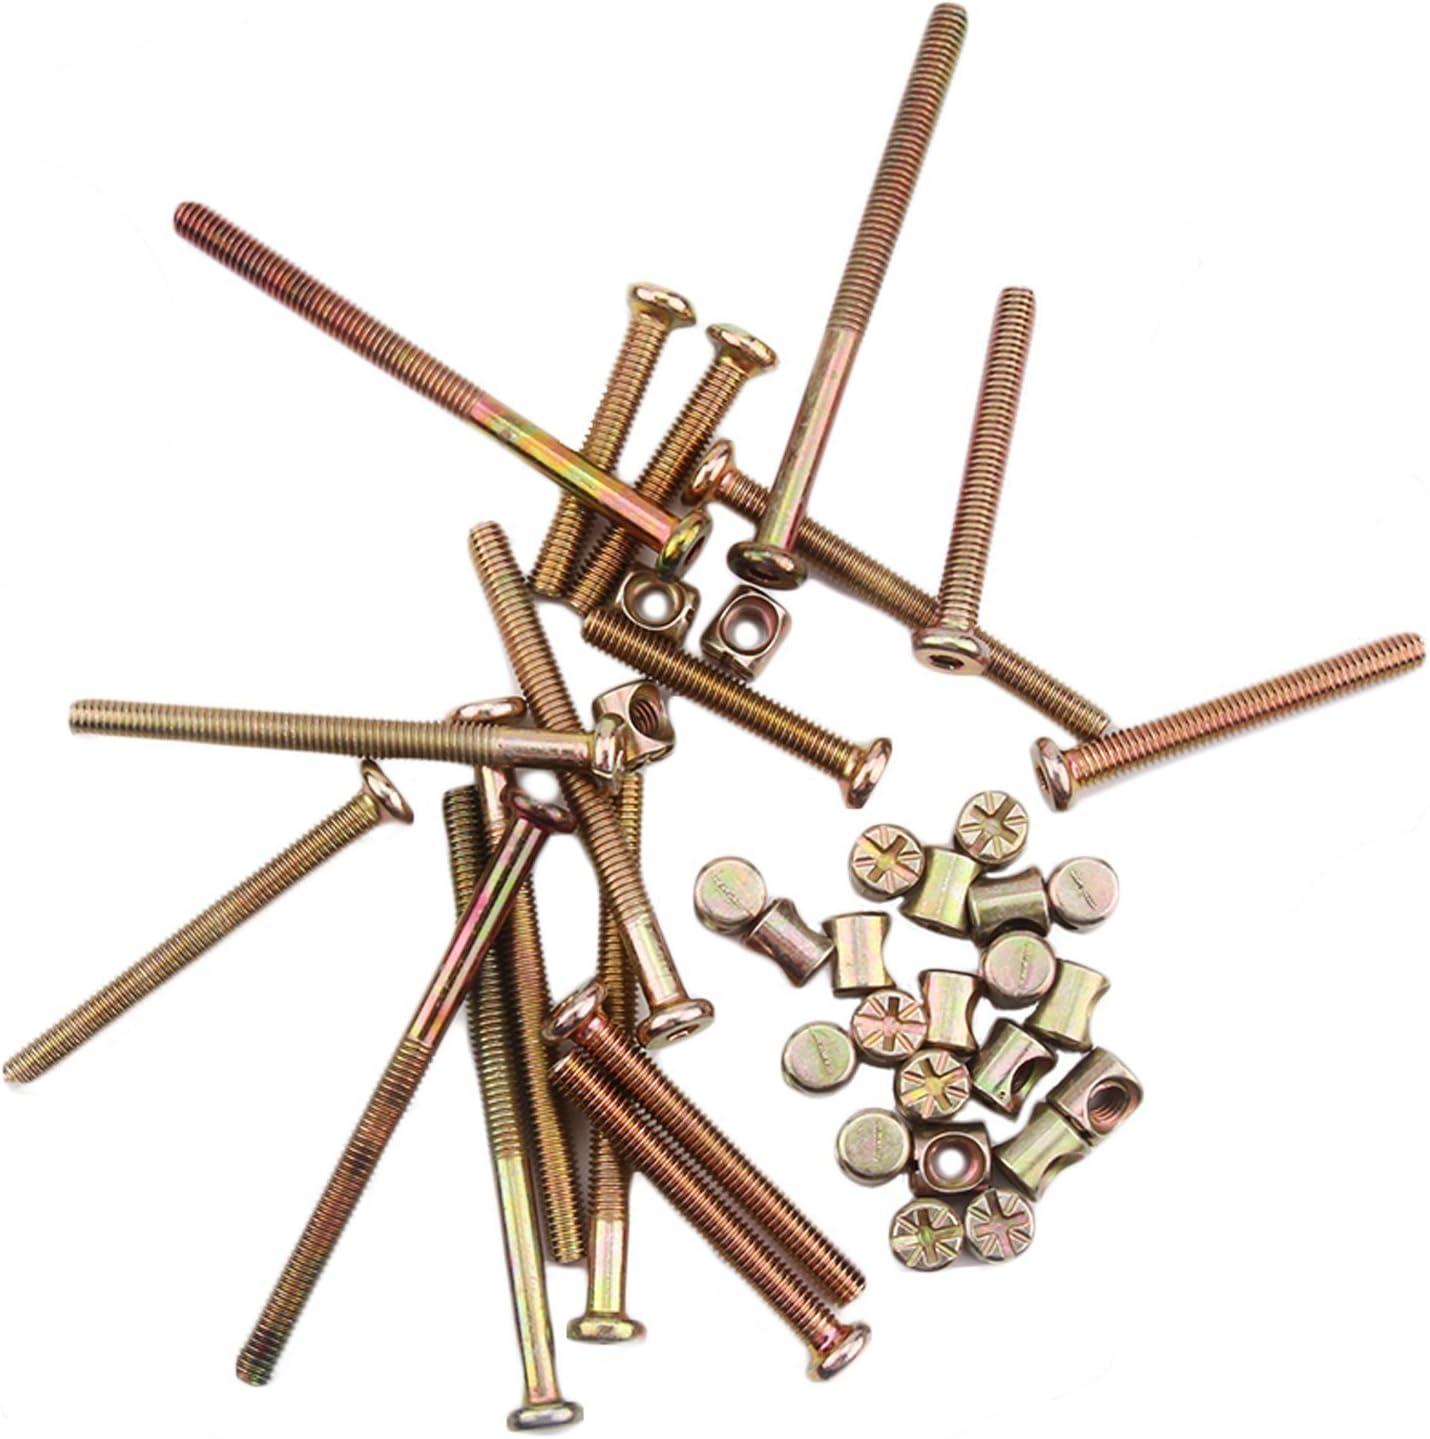 M6 x 25 mm Bronze Meubles Connecteur Boulons /& Cross Dowel Barrel écrous fixation Unité